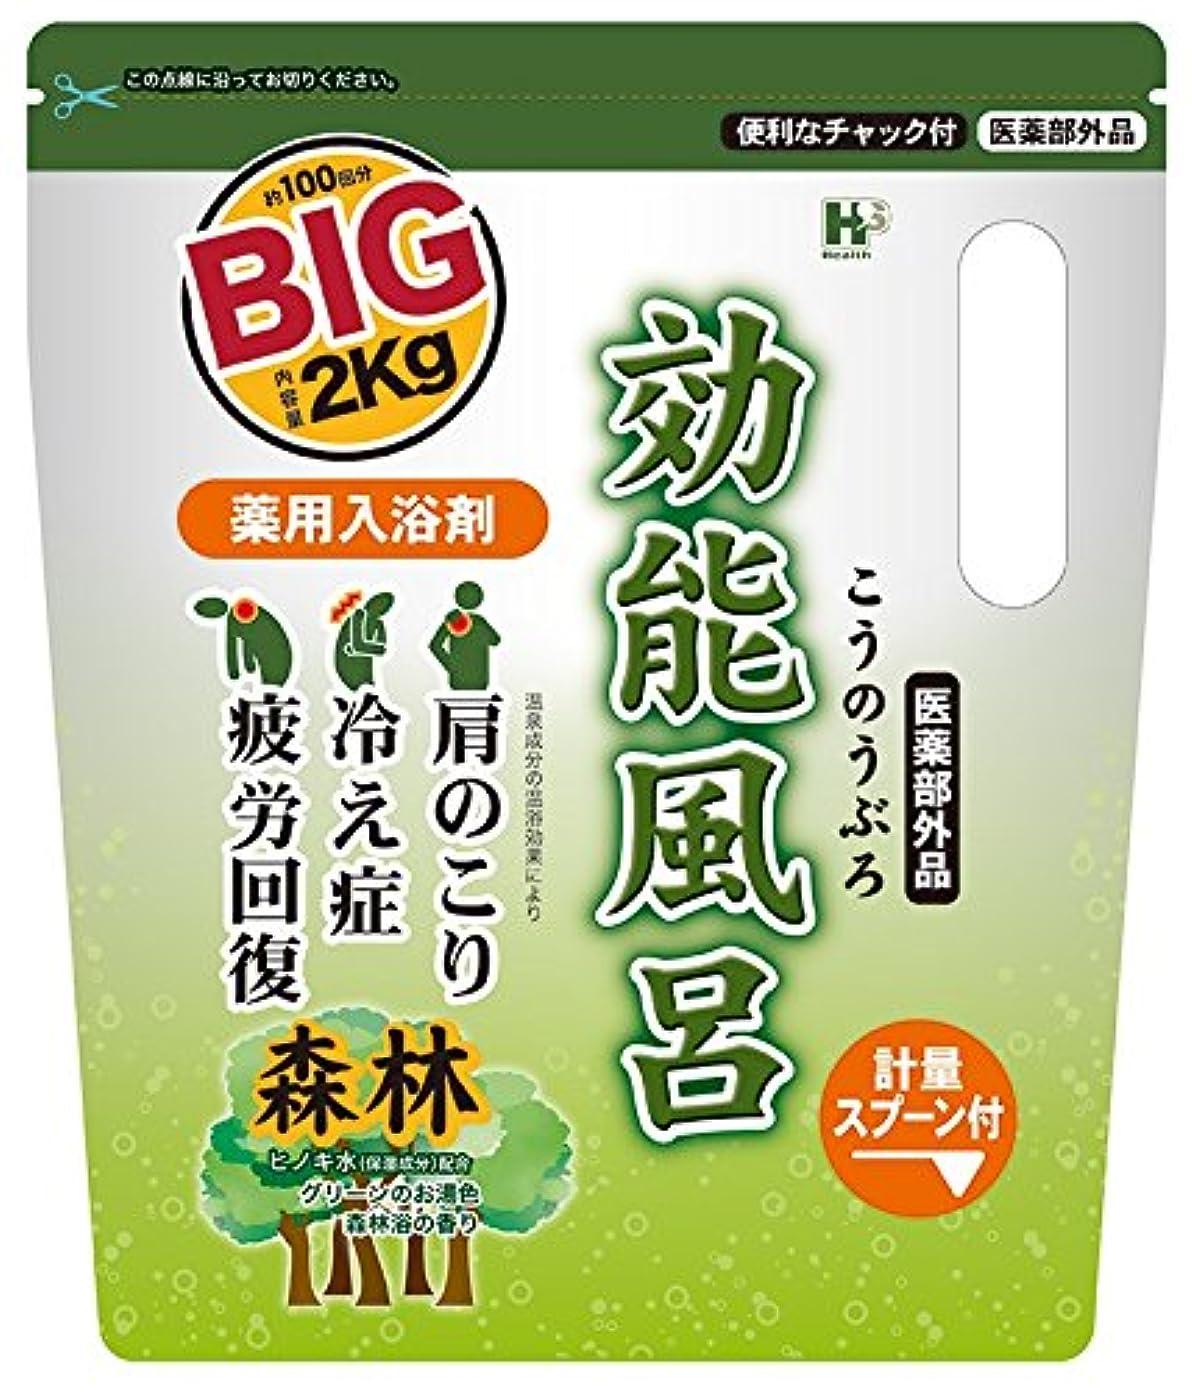 水陸両用スーパーマーケット付与薬用入浴剤 効能風呂 森林の香り BIGサイズ 2kg [医薬部外品]